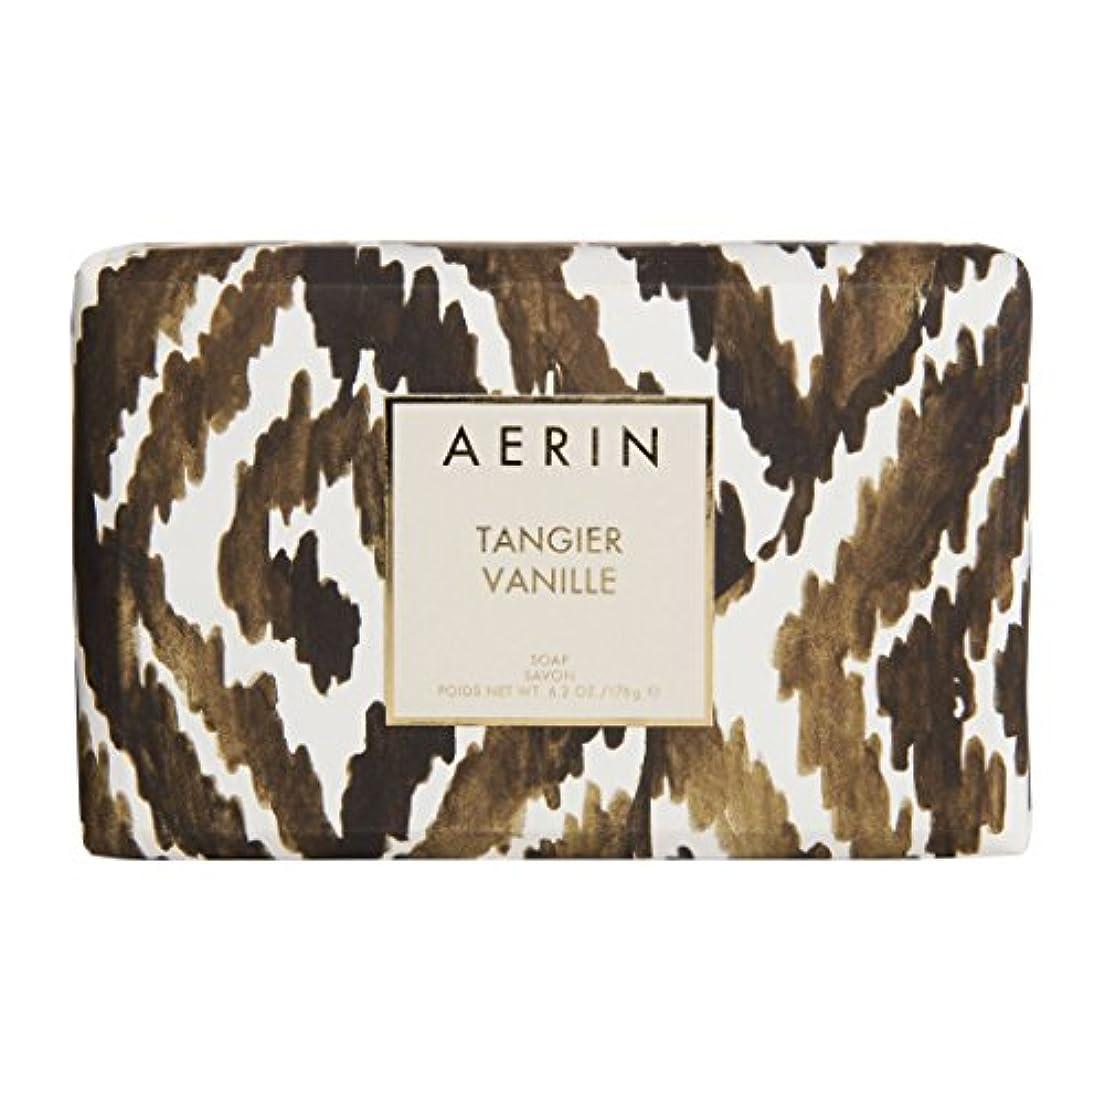 前件遺伝子宿泊施設AERIN Tangier Vanille (アエリン タンジヤー バニール) 6.2 oz (186ml) Soap 固形石鹸 by Estee Lauder for Women